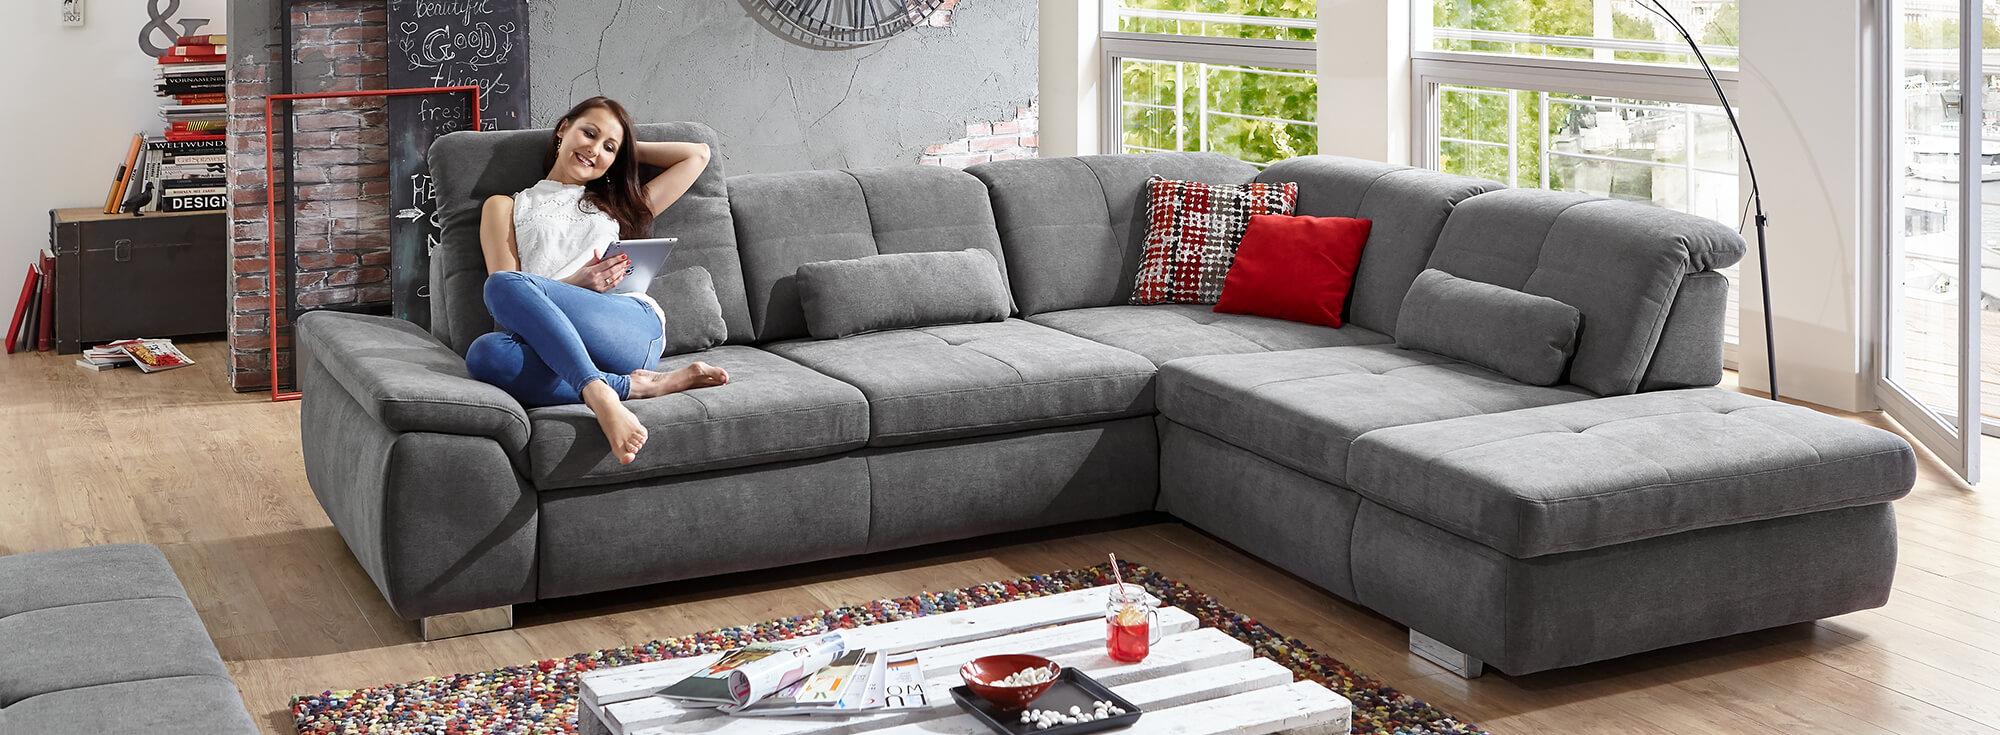 Full Size of Megapol Sofa Message Stadion Judy Armstrong Satellite Push Stage Argo Couch Konfigurator überwurf 3 Sitzer Günstig Kaufen Chesterfield Gebraucht Dreisitzer Sofa Megapol Sofa